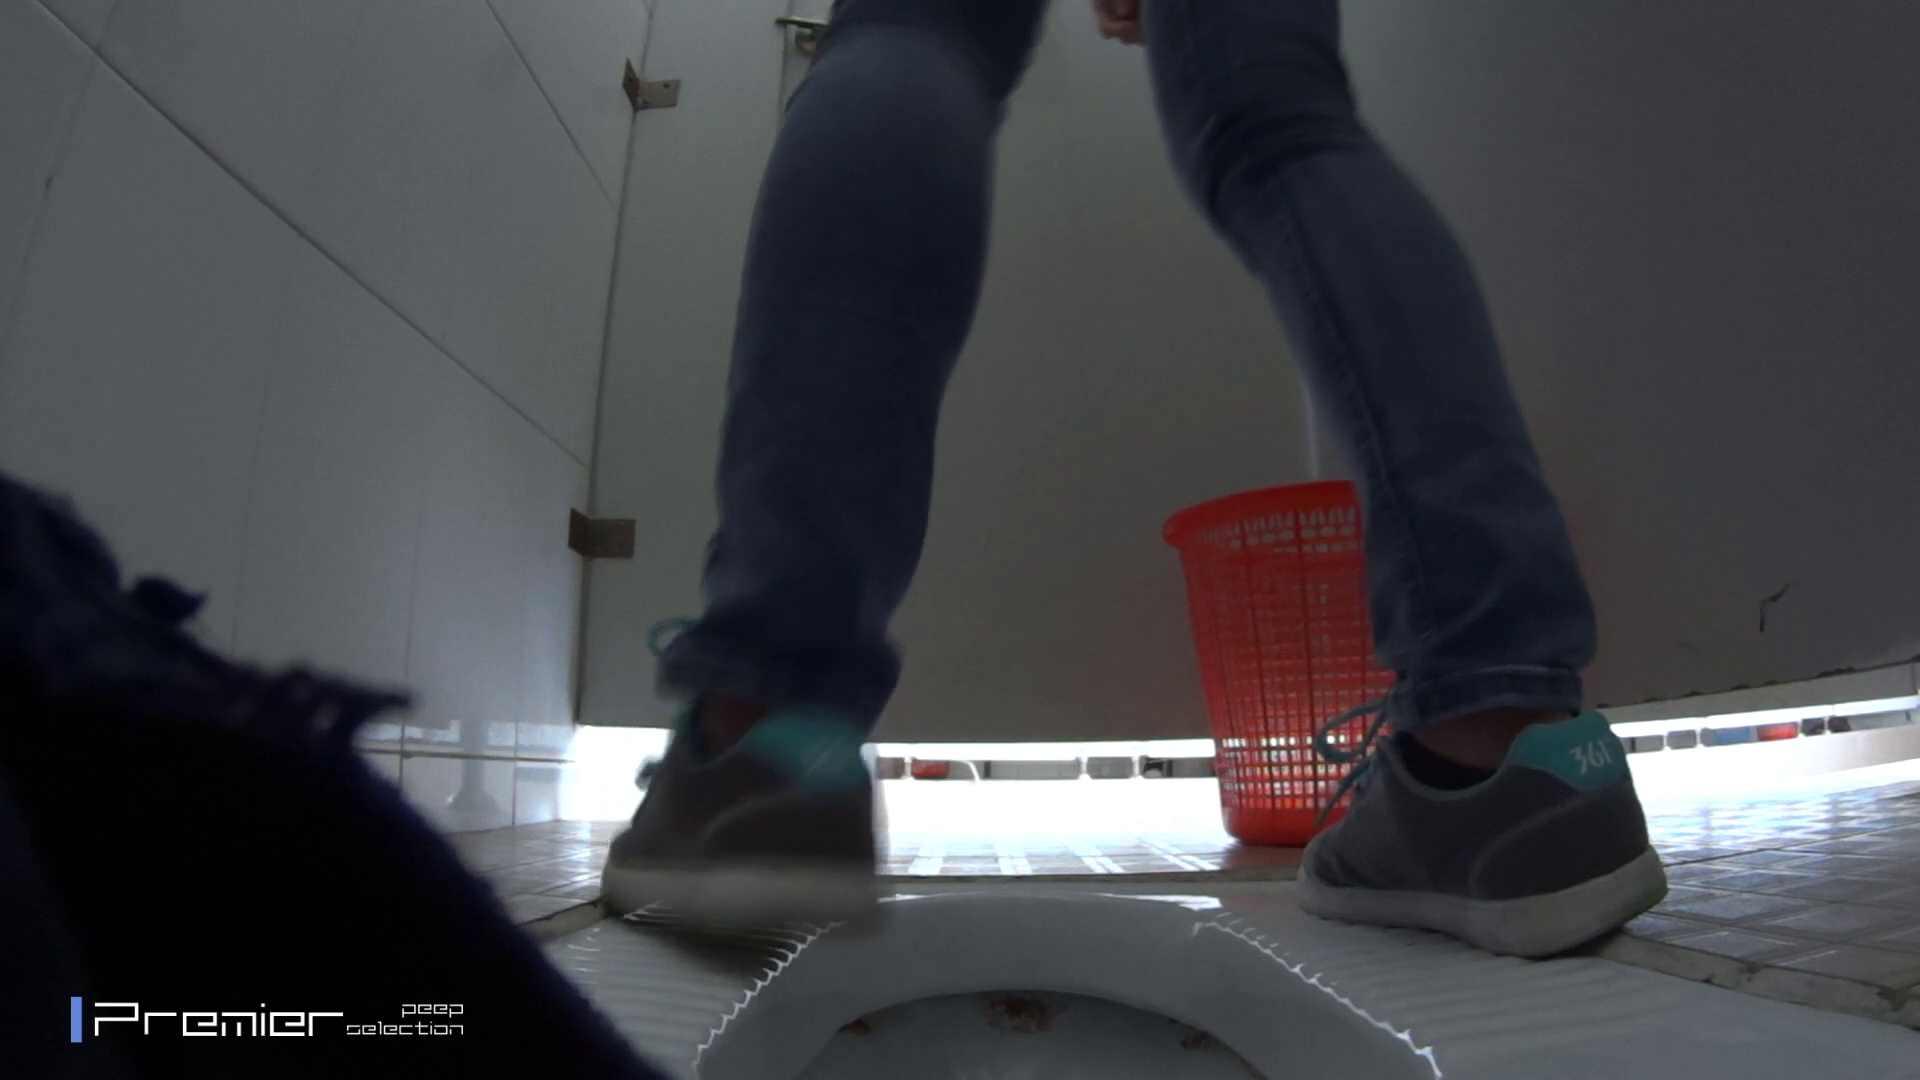 めくれ上がる陰部からの大聖水!大学休憩時間の洗面所事情27 高画質 AV無料動画キャプチャ 105枚 78